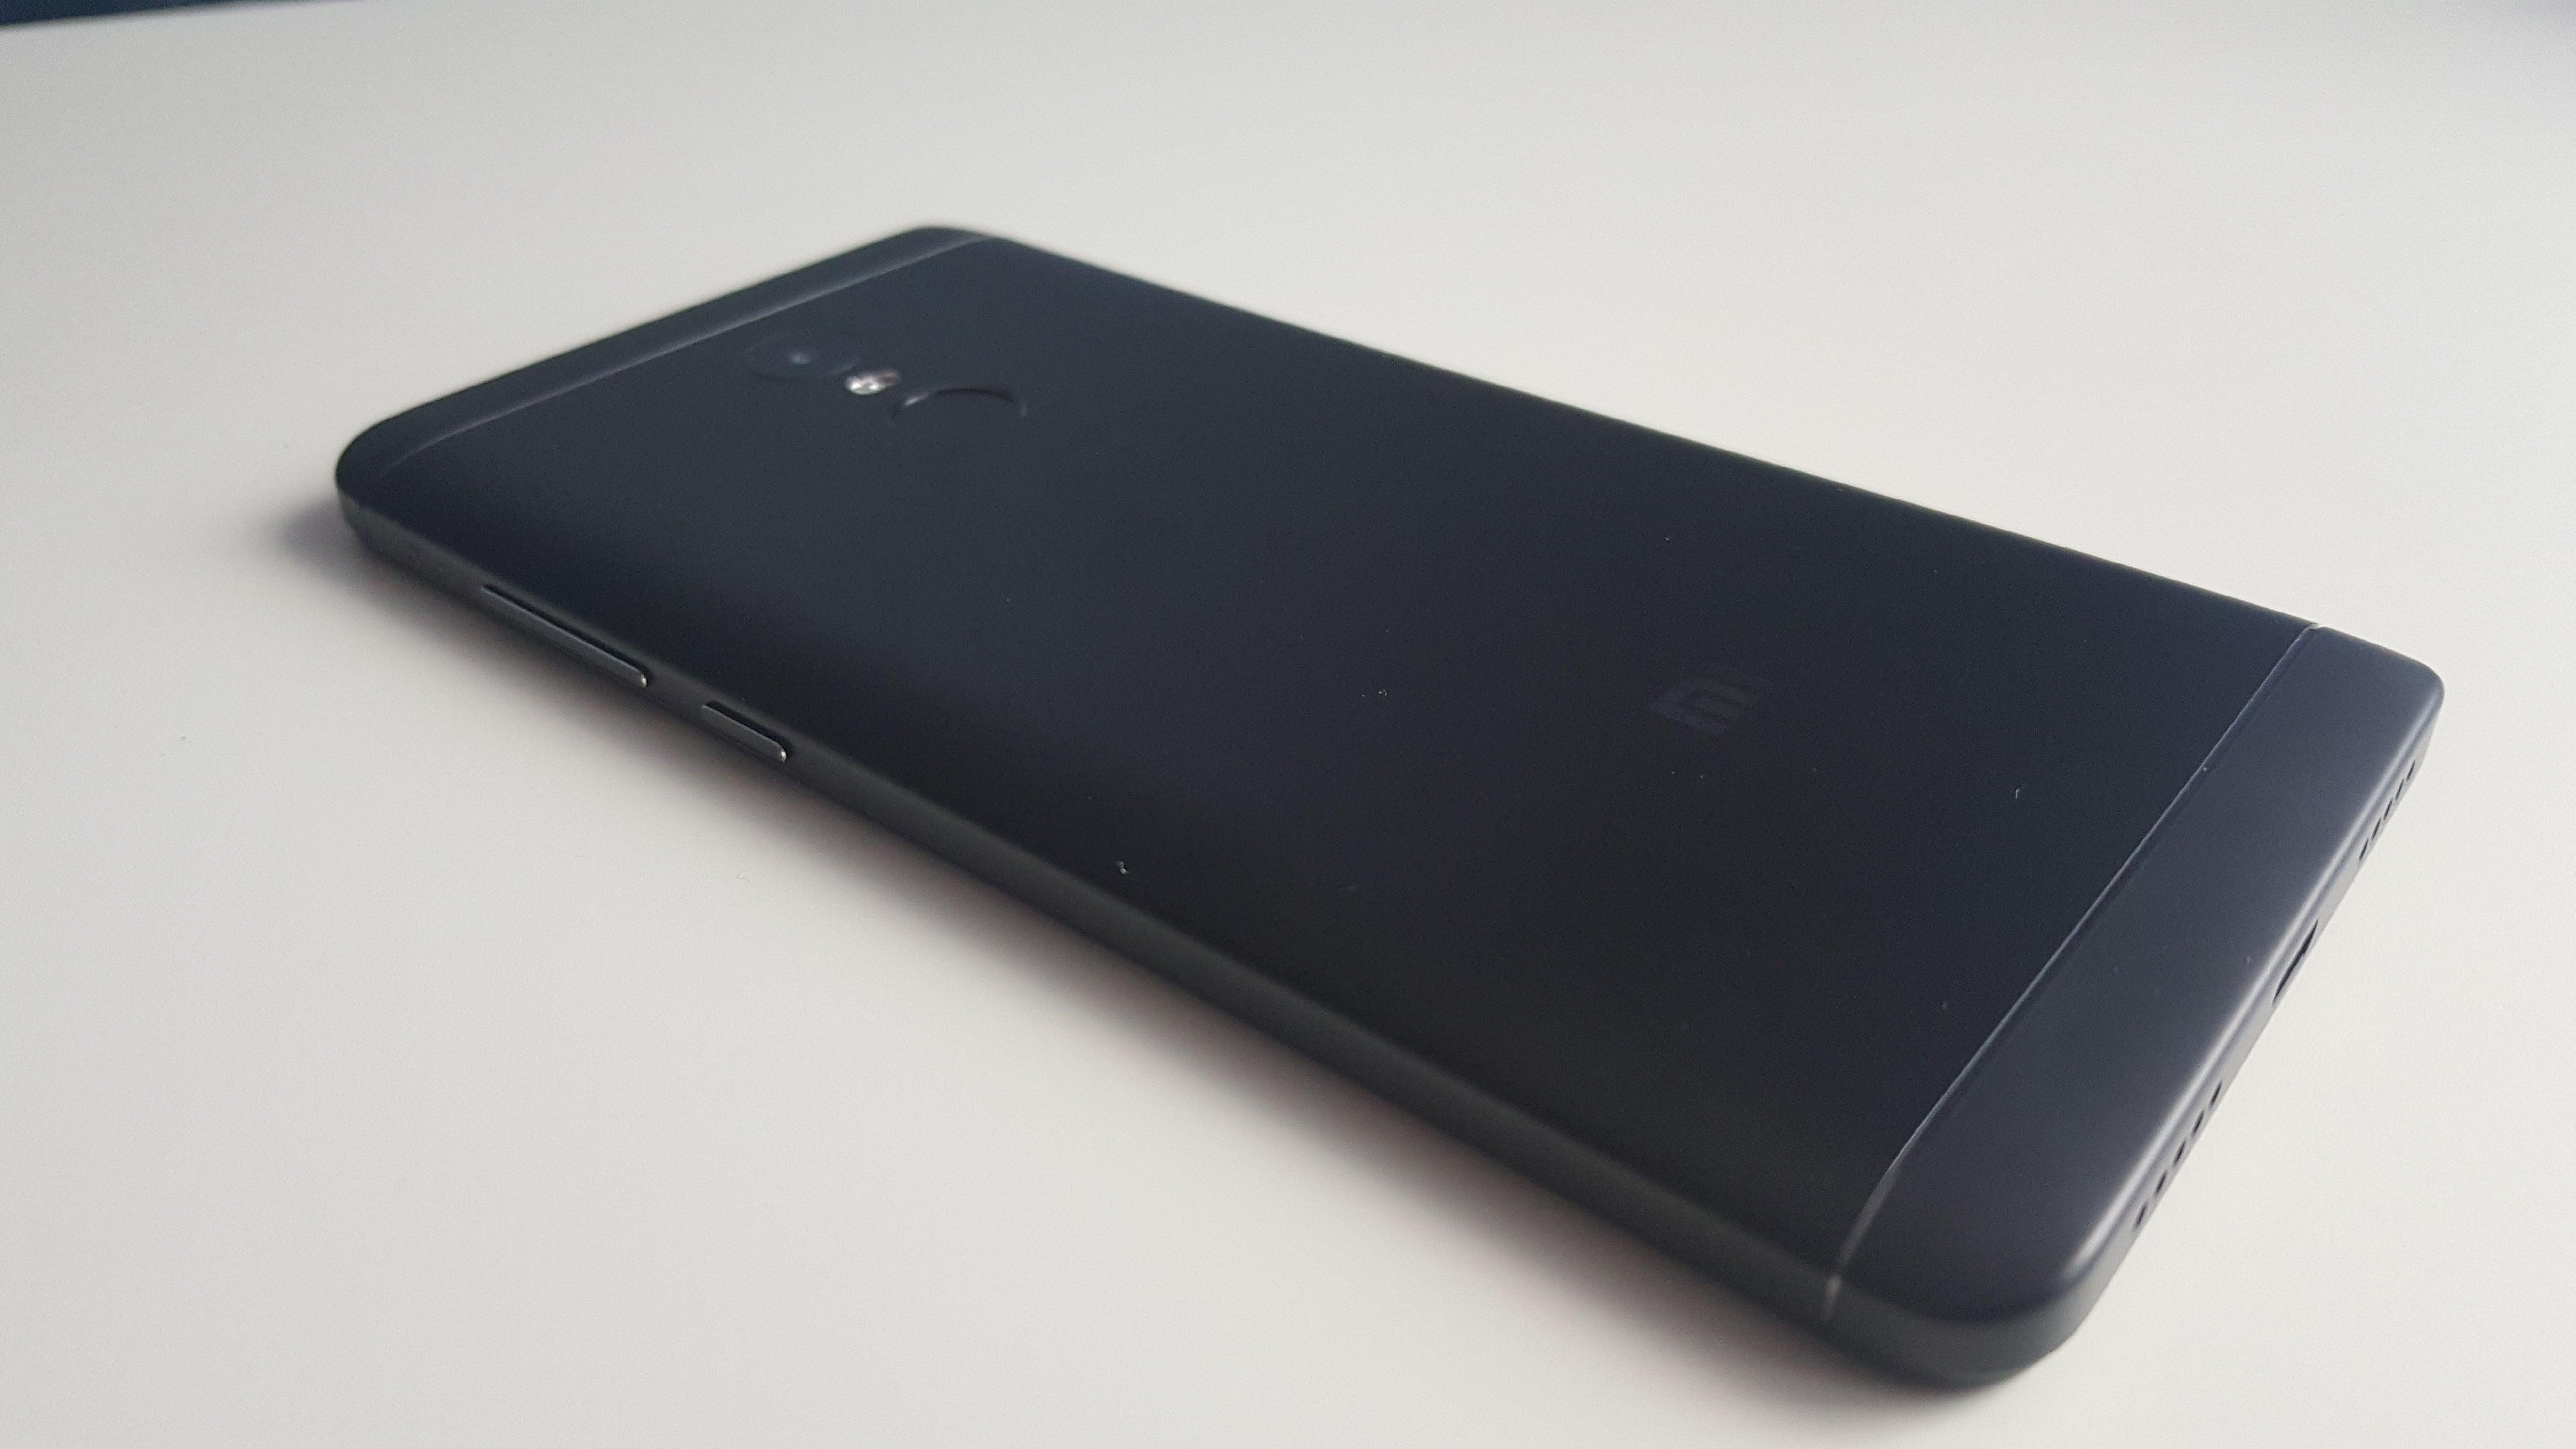 Xiaomi Redmi Note 5 jednak pojawi się na rynku? Podobno tak, i ma mieć procesor Snapdragon 632 18